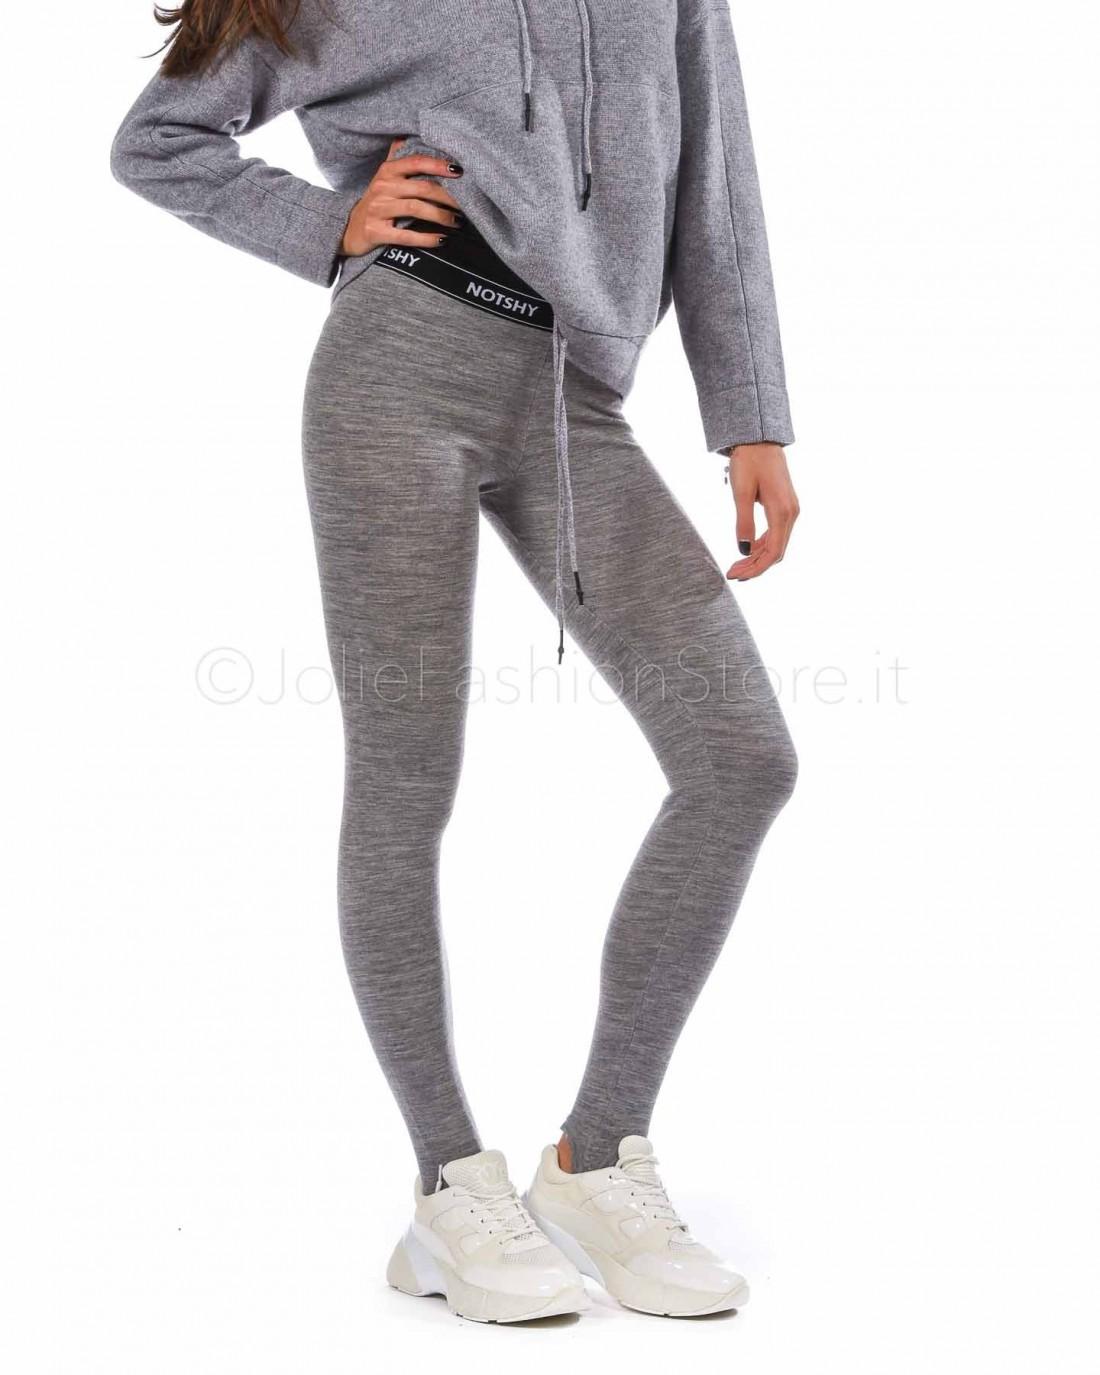 Not Shy Legging in Lana  3507160-GRIS